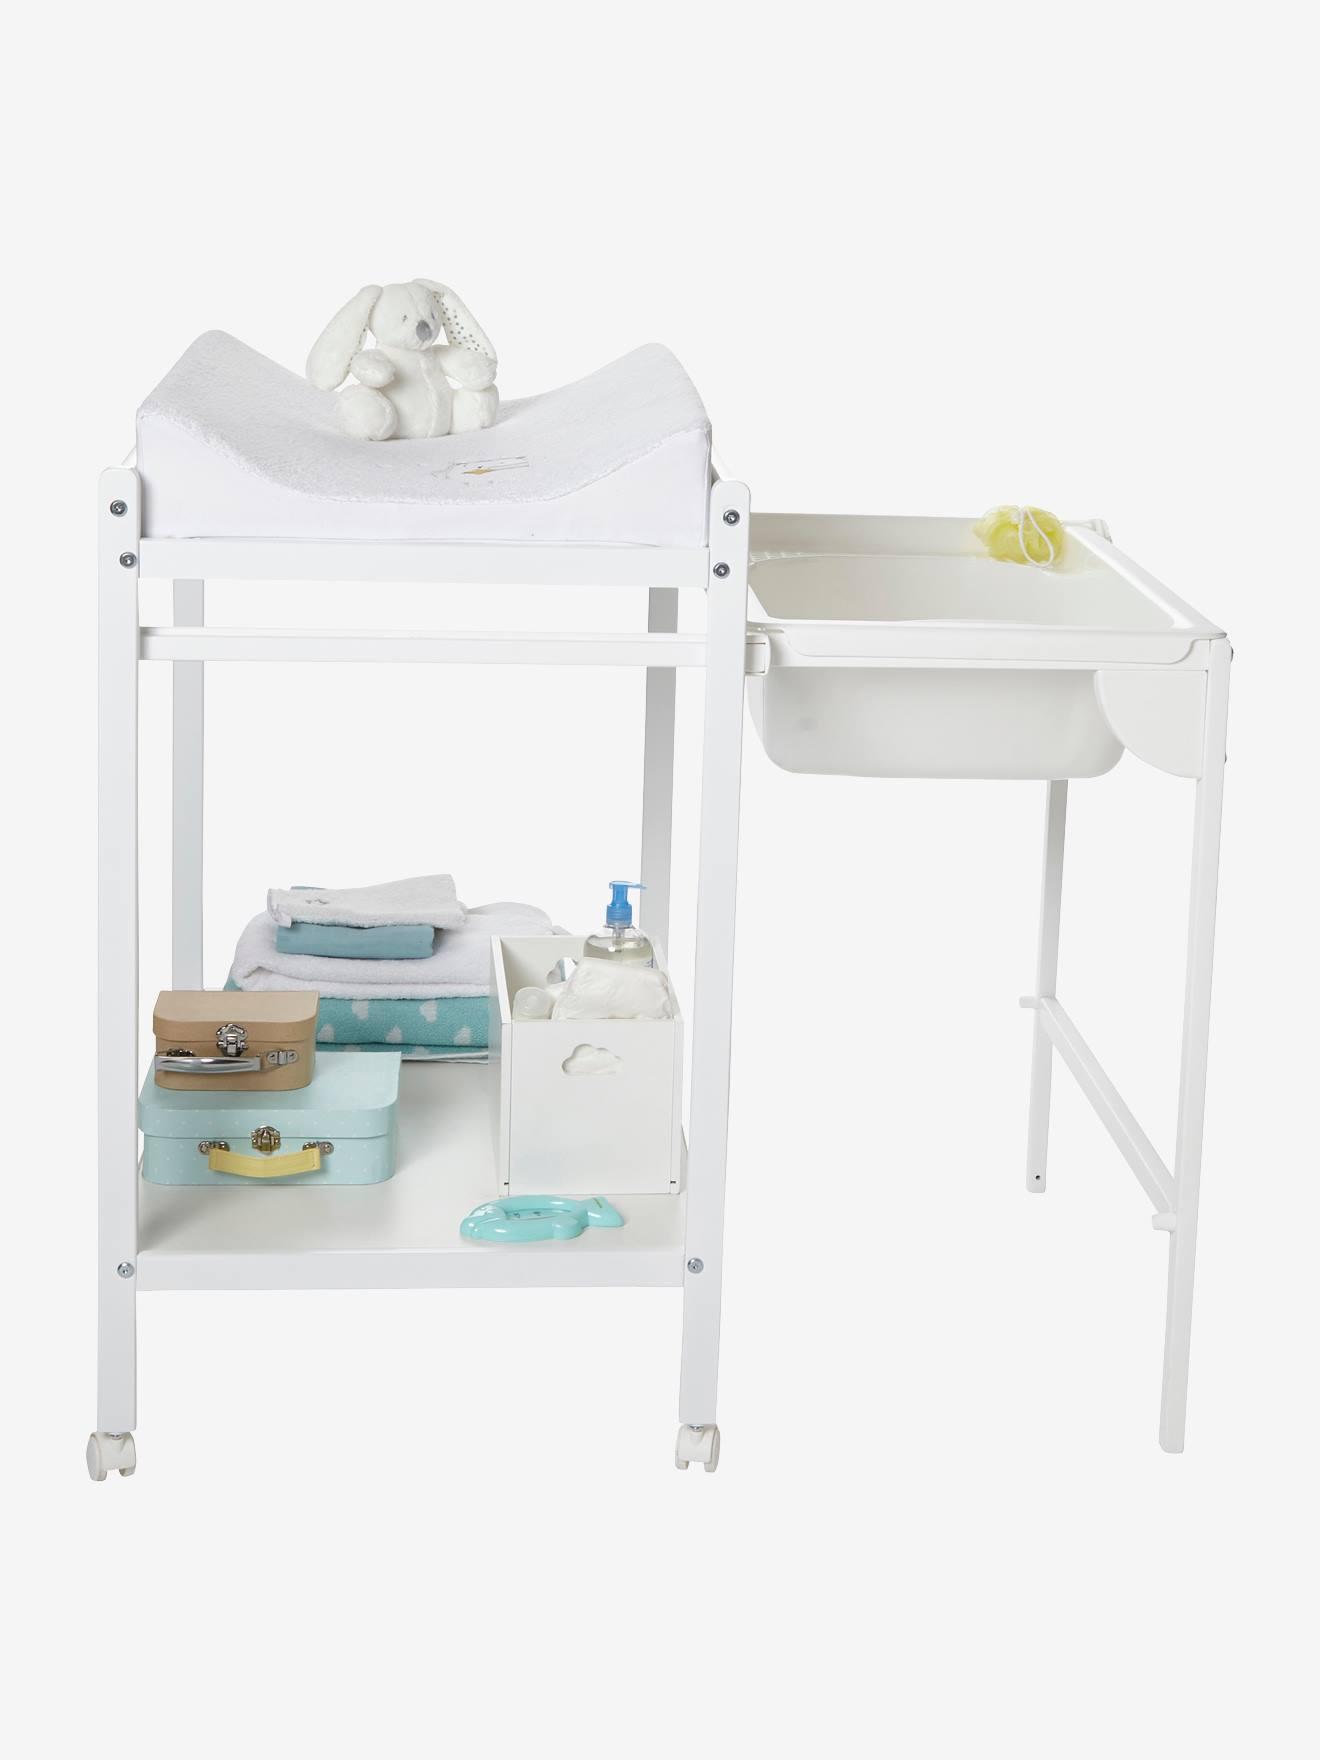 b9d2414487116 Table à langer avec baignoire intégrée VERTBAUDET MagicTub naturel blanc -  Vertbaudet